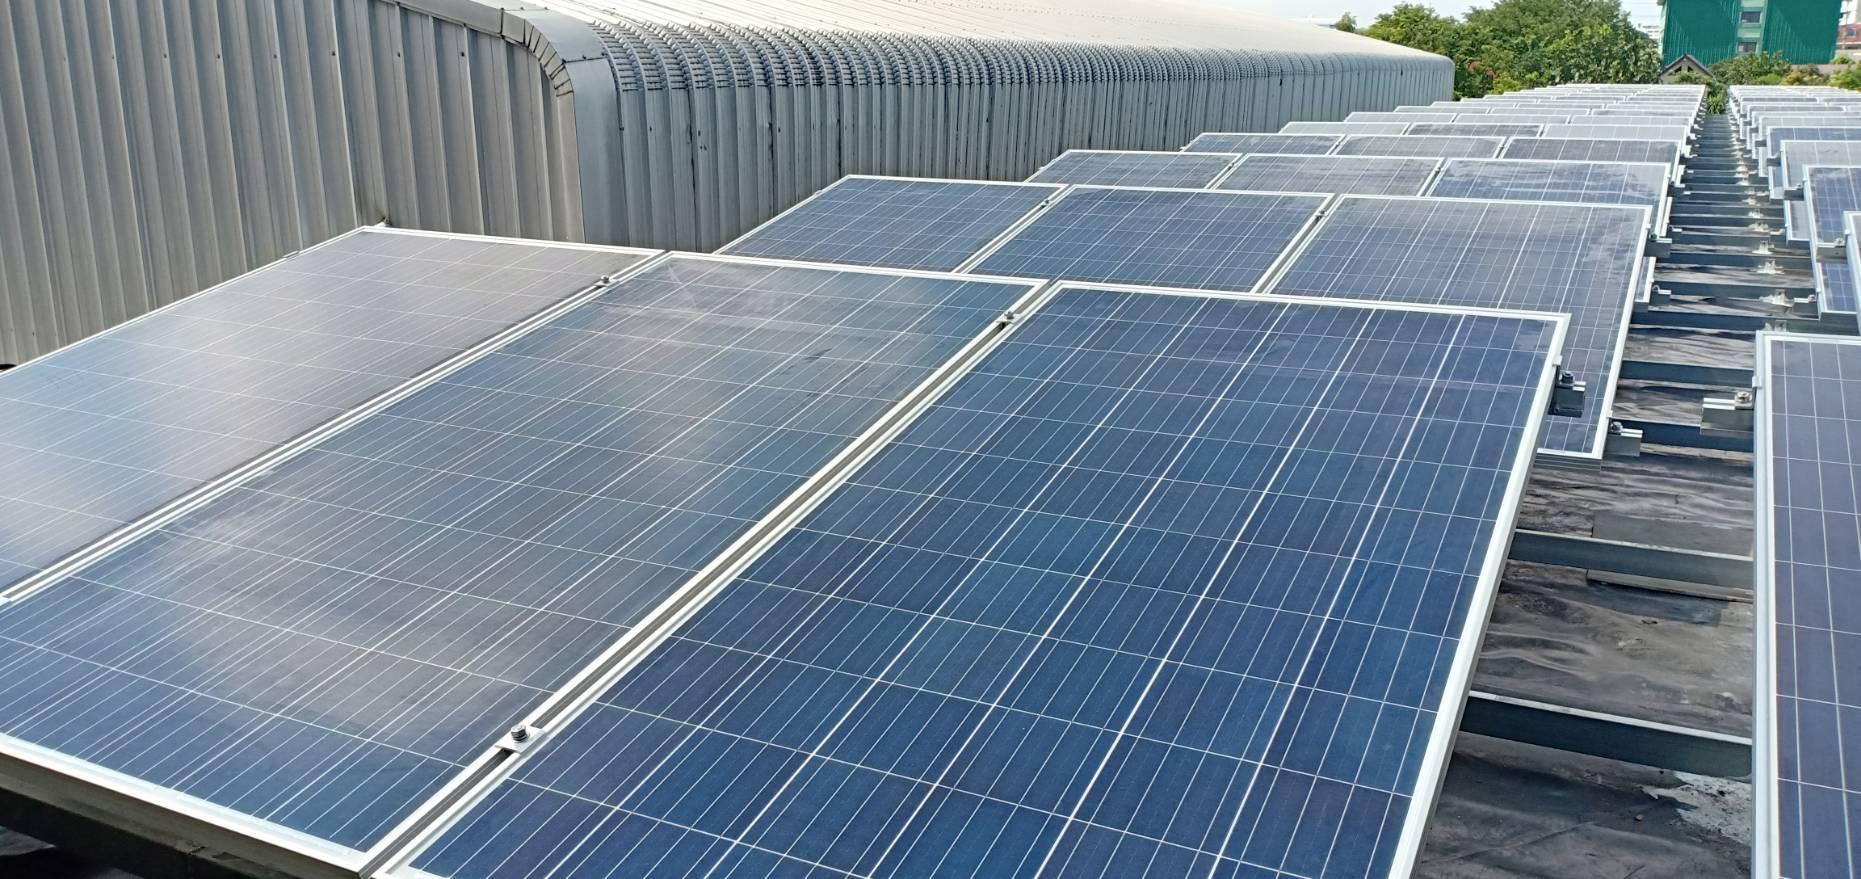 ผลงานการติดตั้งโซล่าเซลล์ระบบออนกริด 30KW ที่บริษัท เมืองสะอาด - Goodwe  Inverter,Inverter,เครื่องแปลงไฟ,ปั๊มน้ำ,โรงรถโซล่าเซลล์ พลังงานแสงแดด  ปั๊มน้ำโซล่าเซลล์ ลดค่าไฟฟ้า ปั๊มน้ำDC 12volt 24volt แผงโซล่าราคาถูก :  Inspired by LnwShop.com